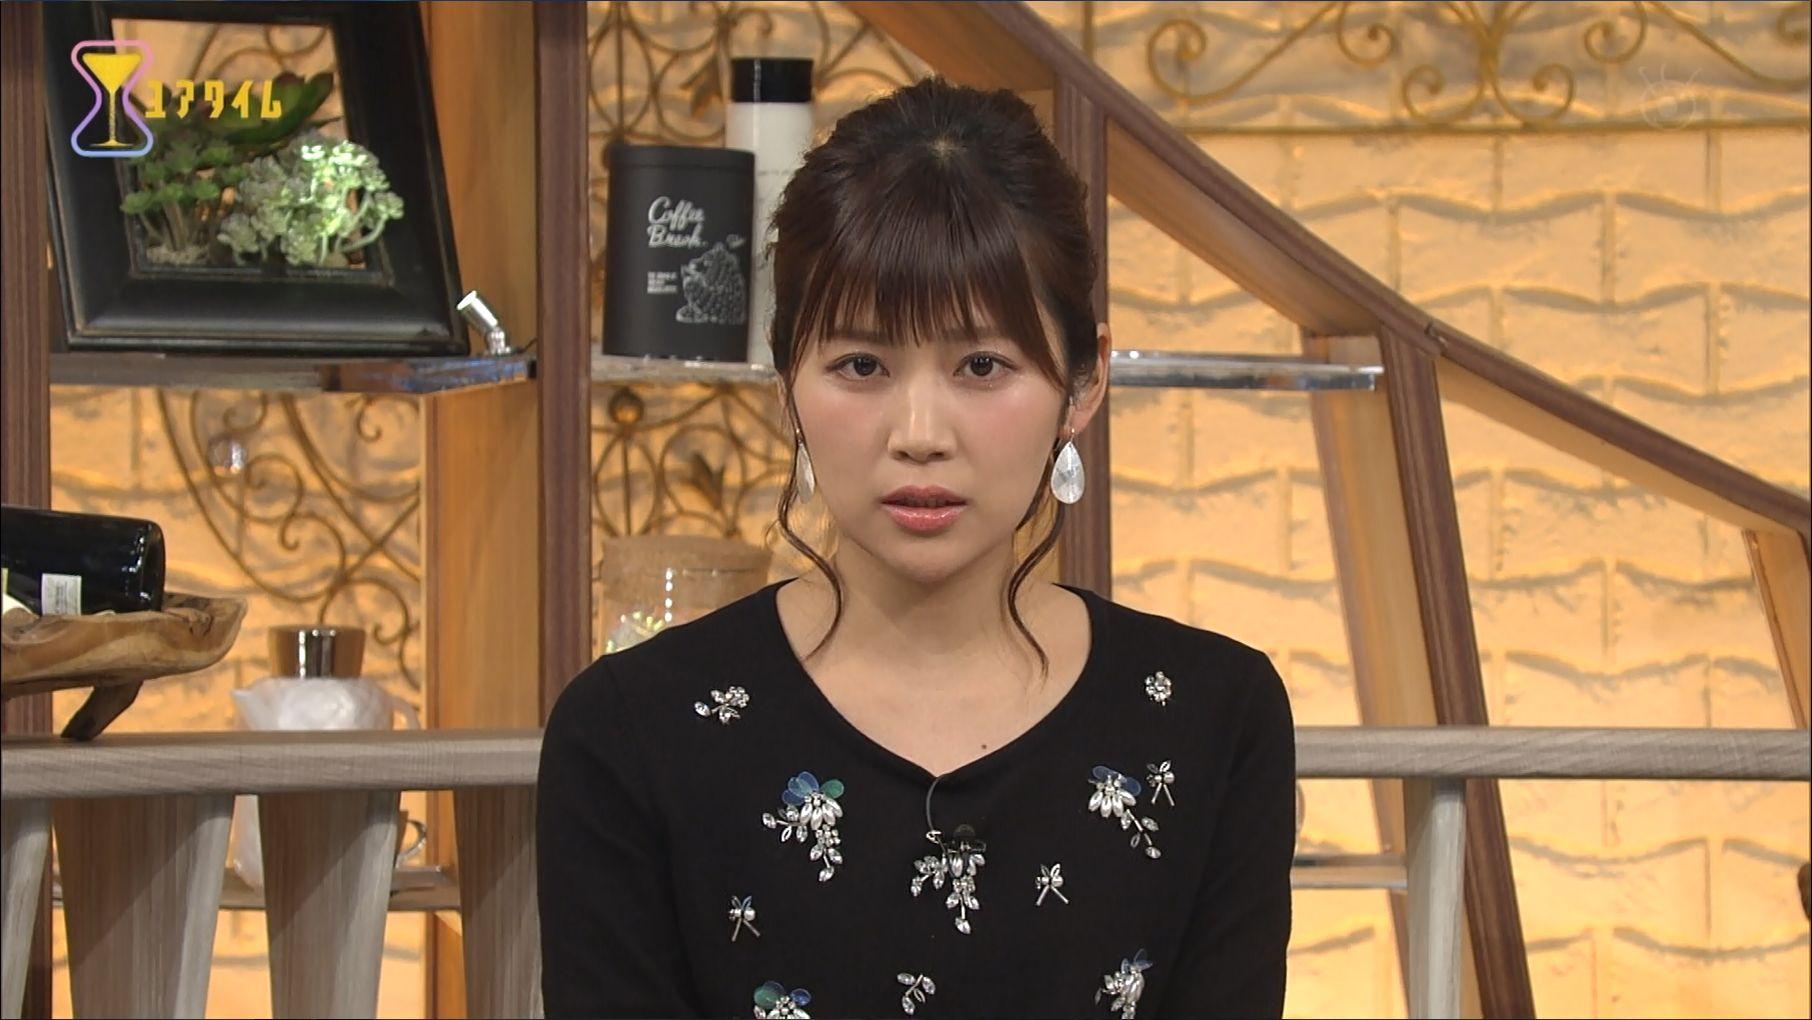 竹内友佳 ユアタイム 17/01/06:女子アナキャプでも貼っておく ~Optimistic Attraction~